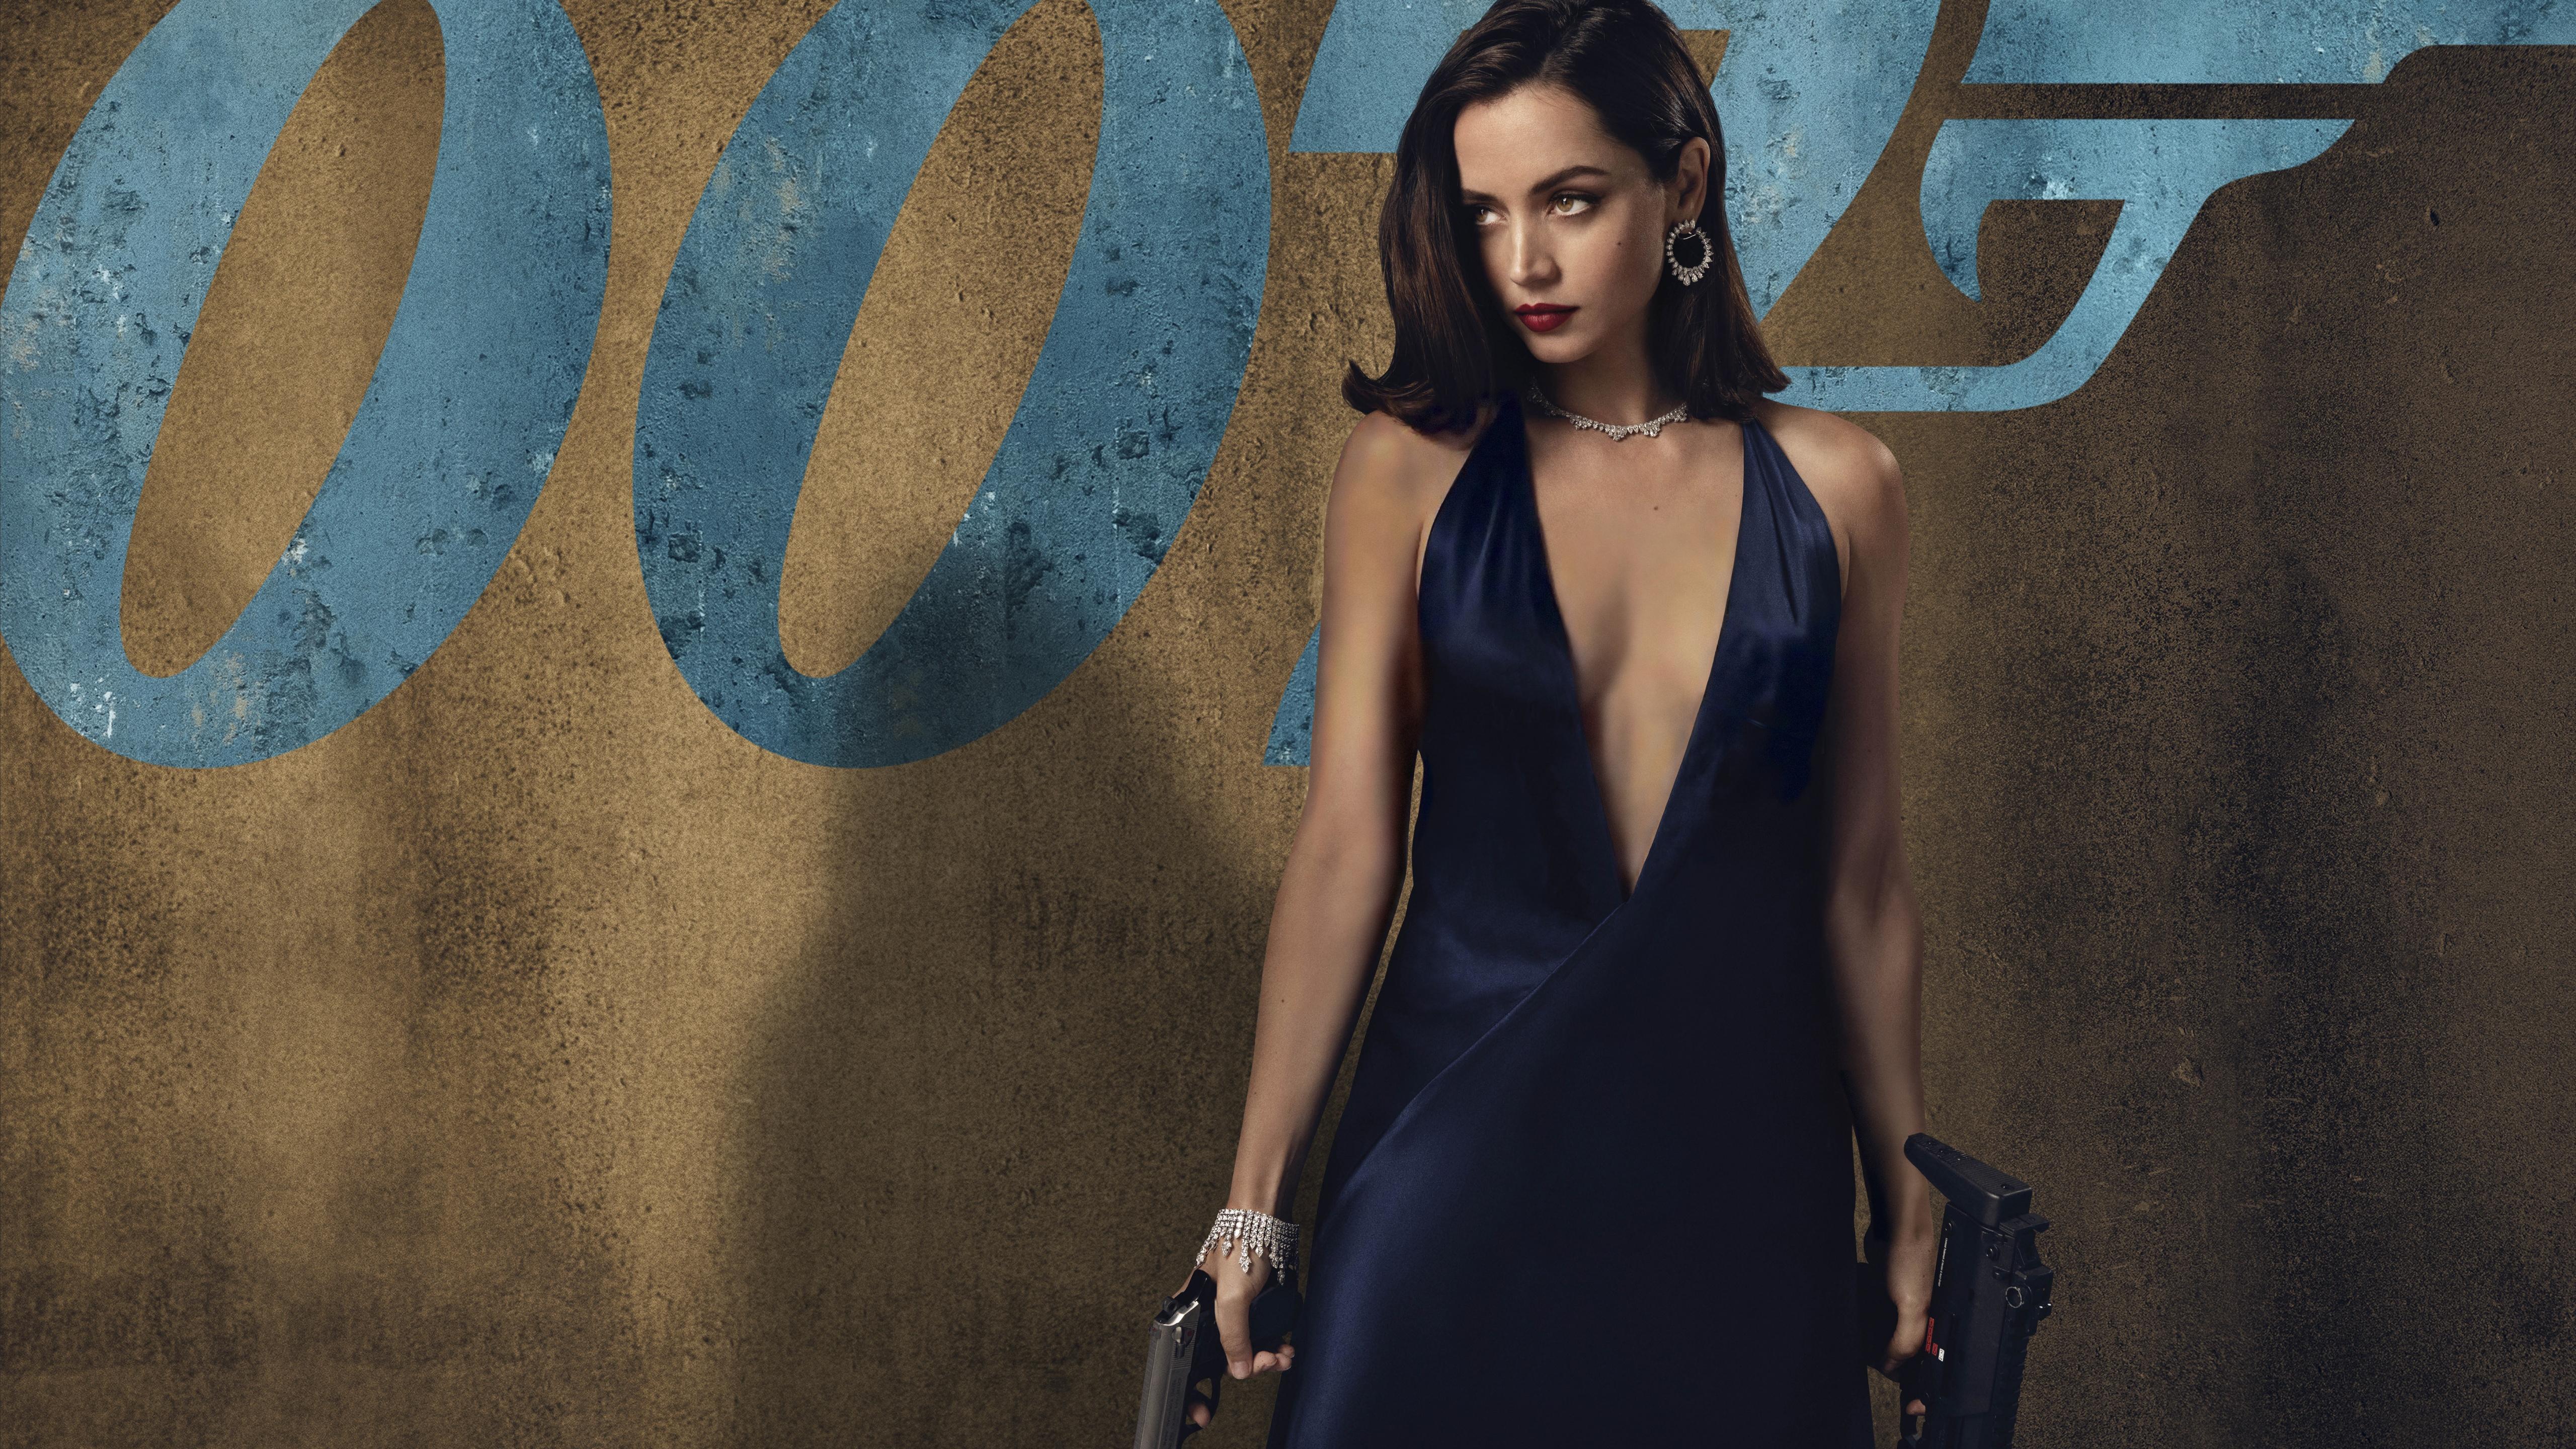 No Time To Die 4k Wallpaper Ana De Armas Movies Movies 14